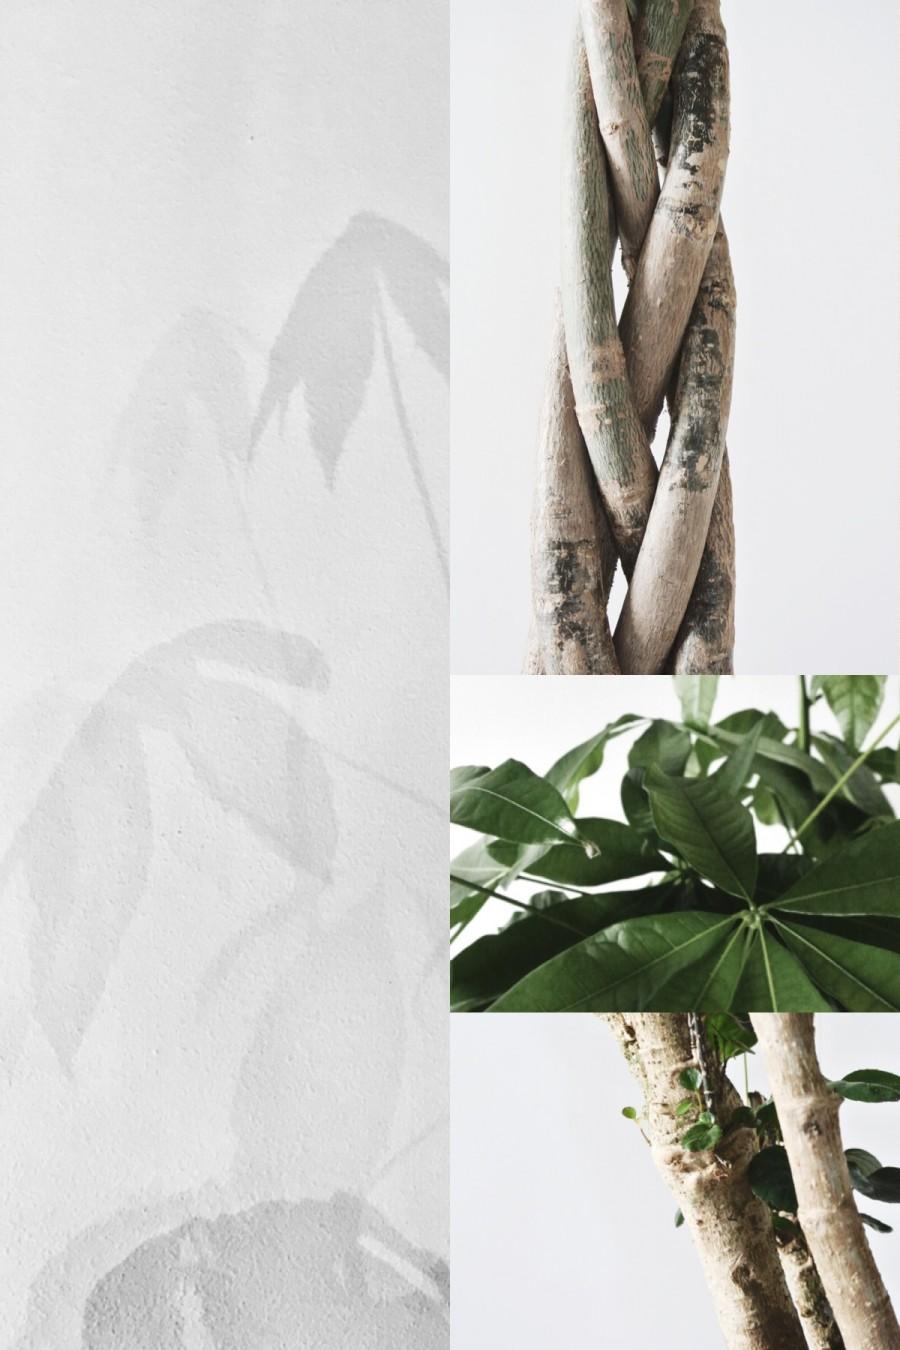 mooiwatplantendoen-aprilandmay-3